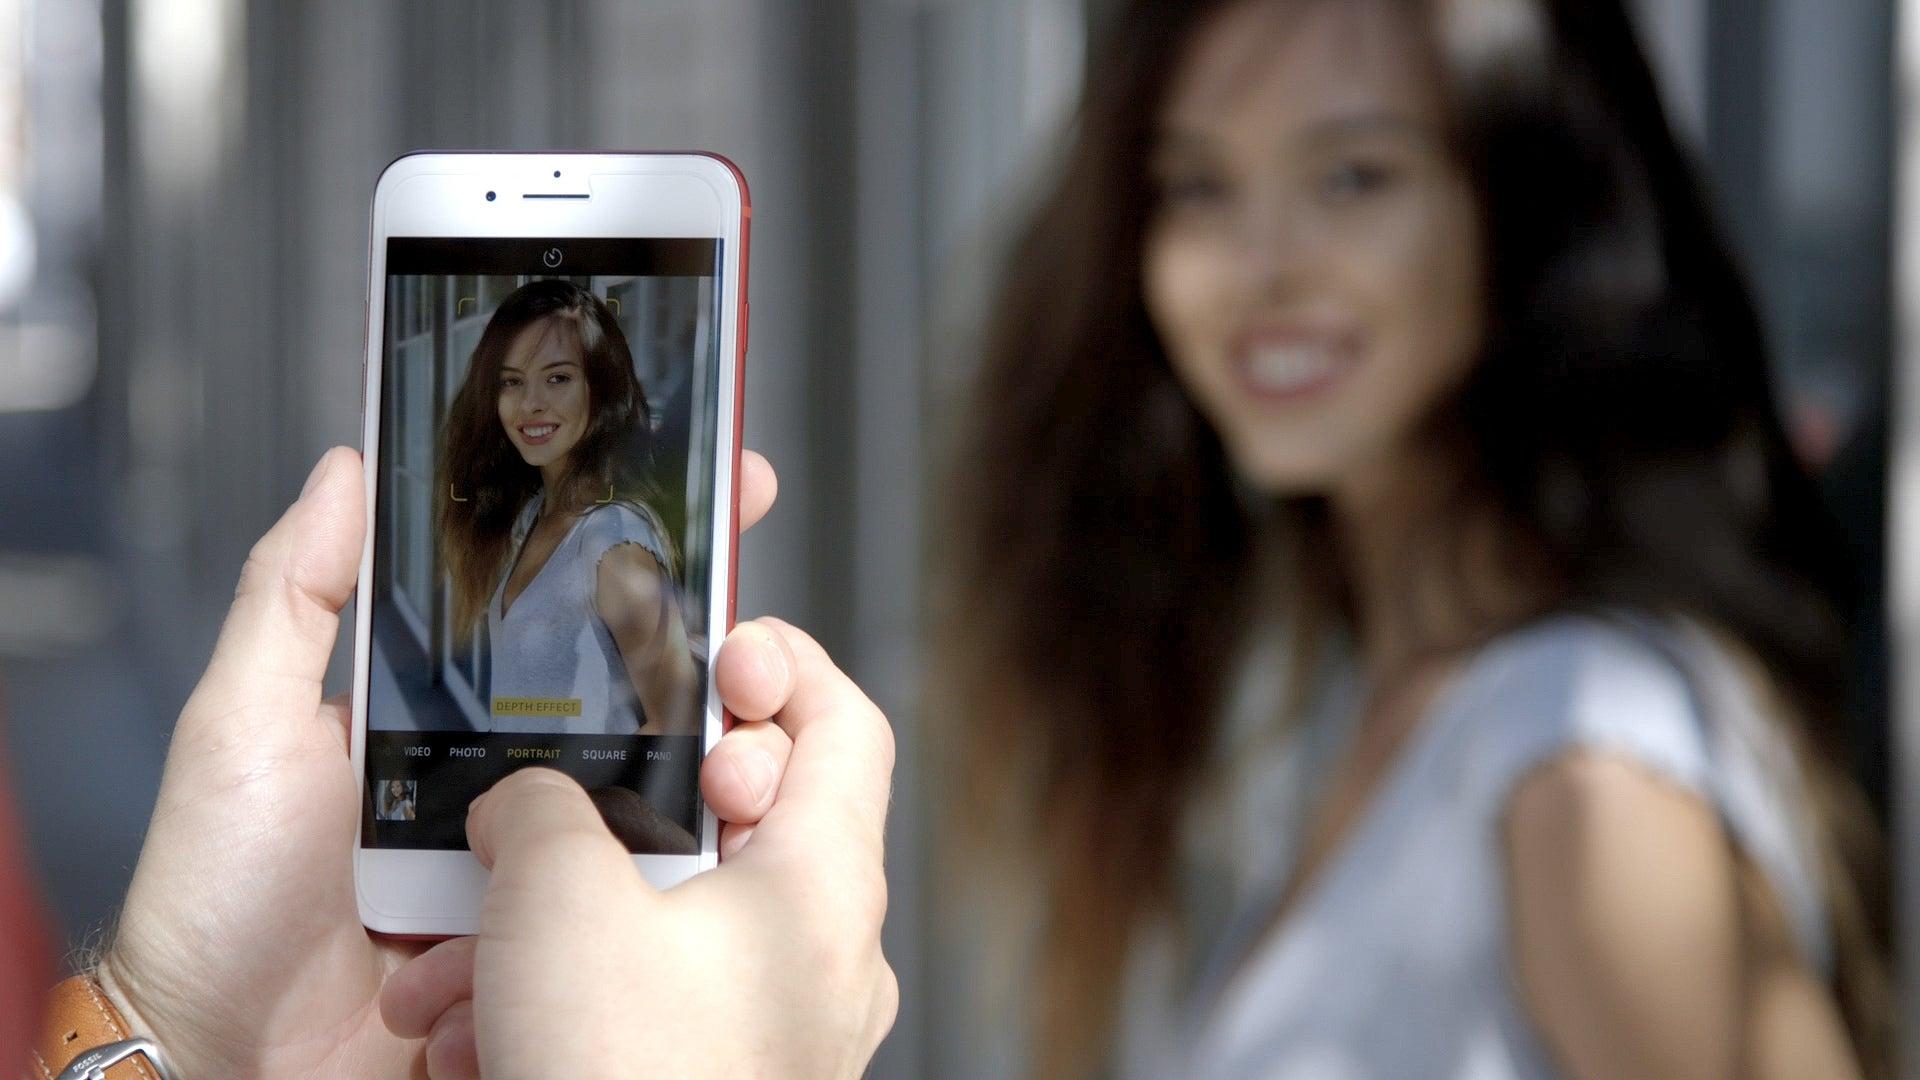 Portrait Mode vs Live Focus